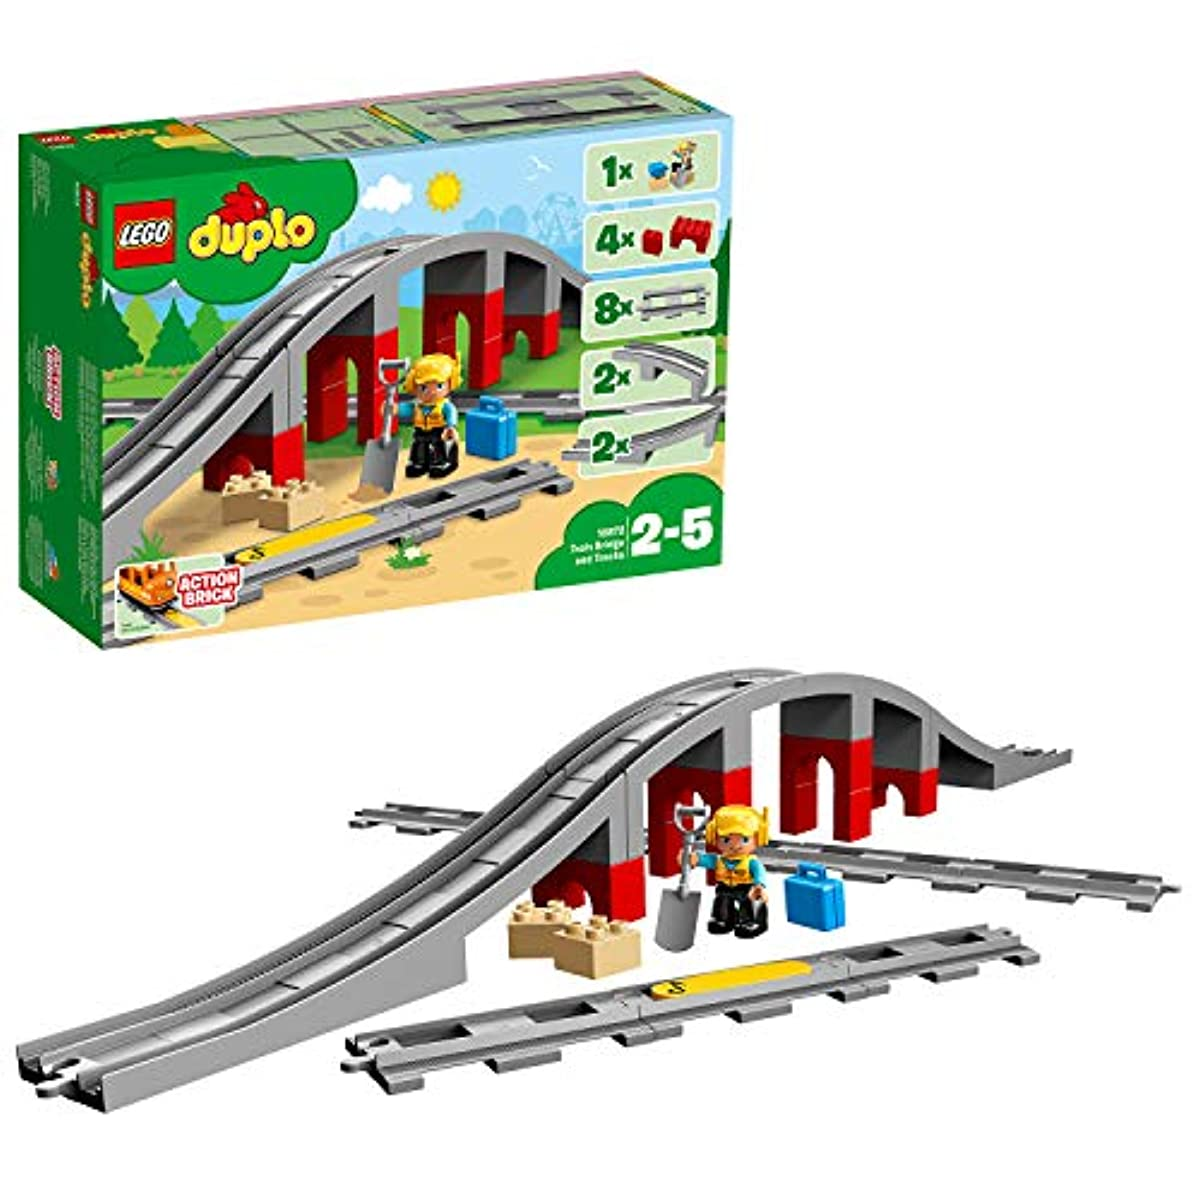 [해외] 레고(LEGO) 듀플로 놀예거 퍼진! 철도교와 레일 세트 10872 교육 완구 블럭 장난감 사내 아이 전철